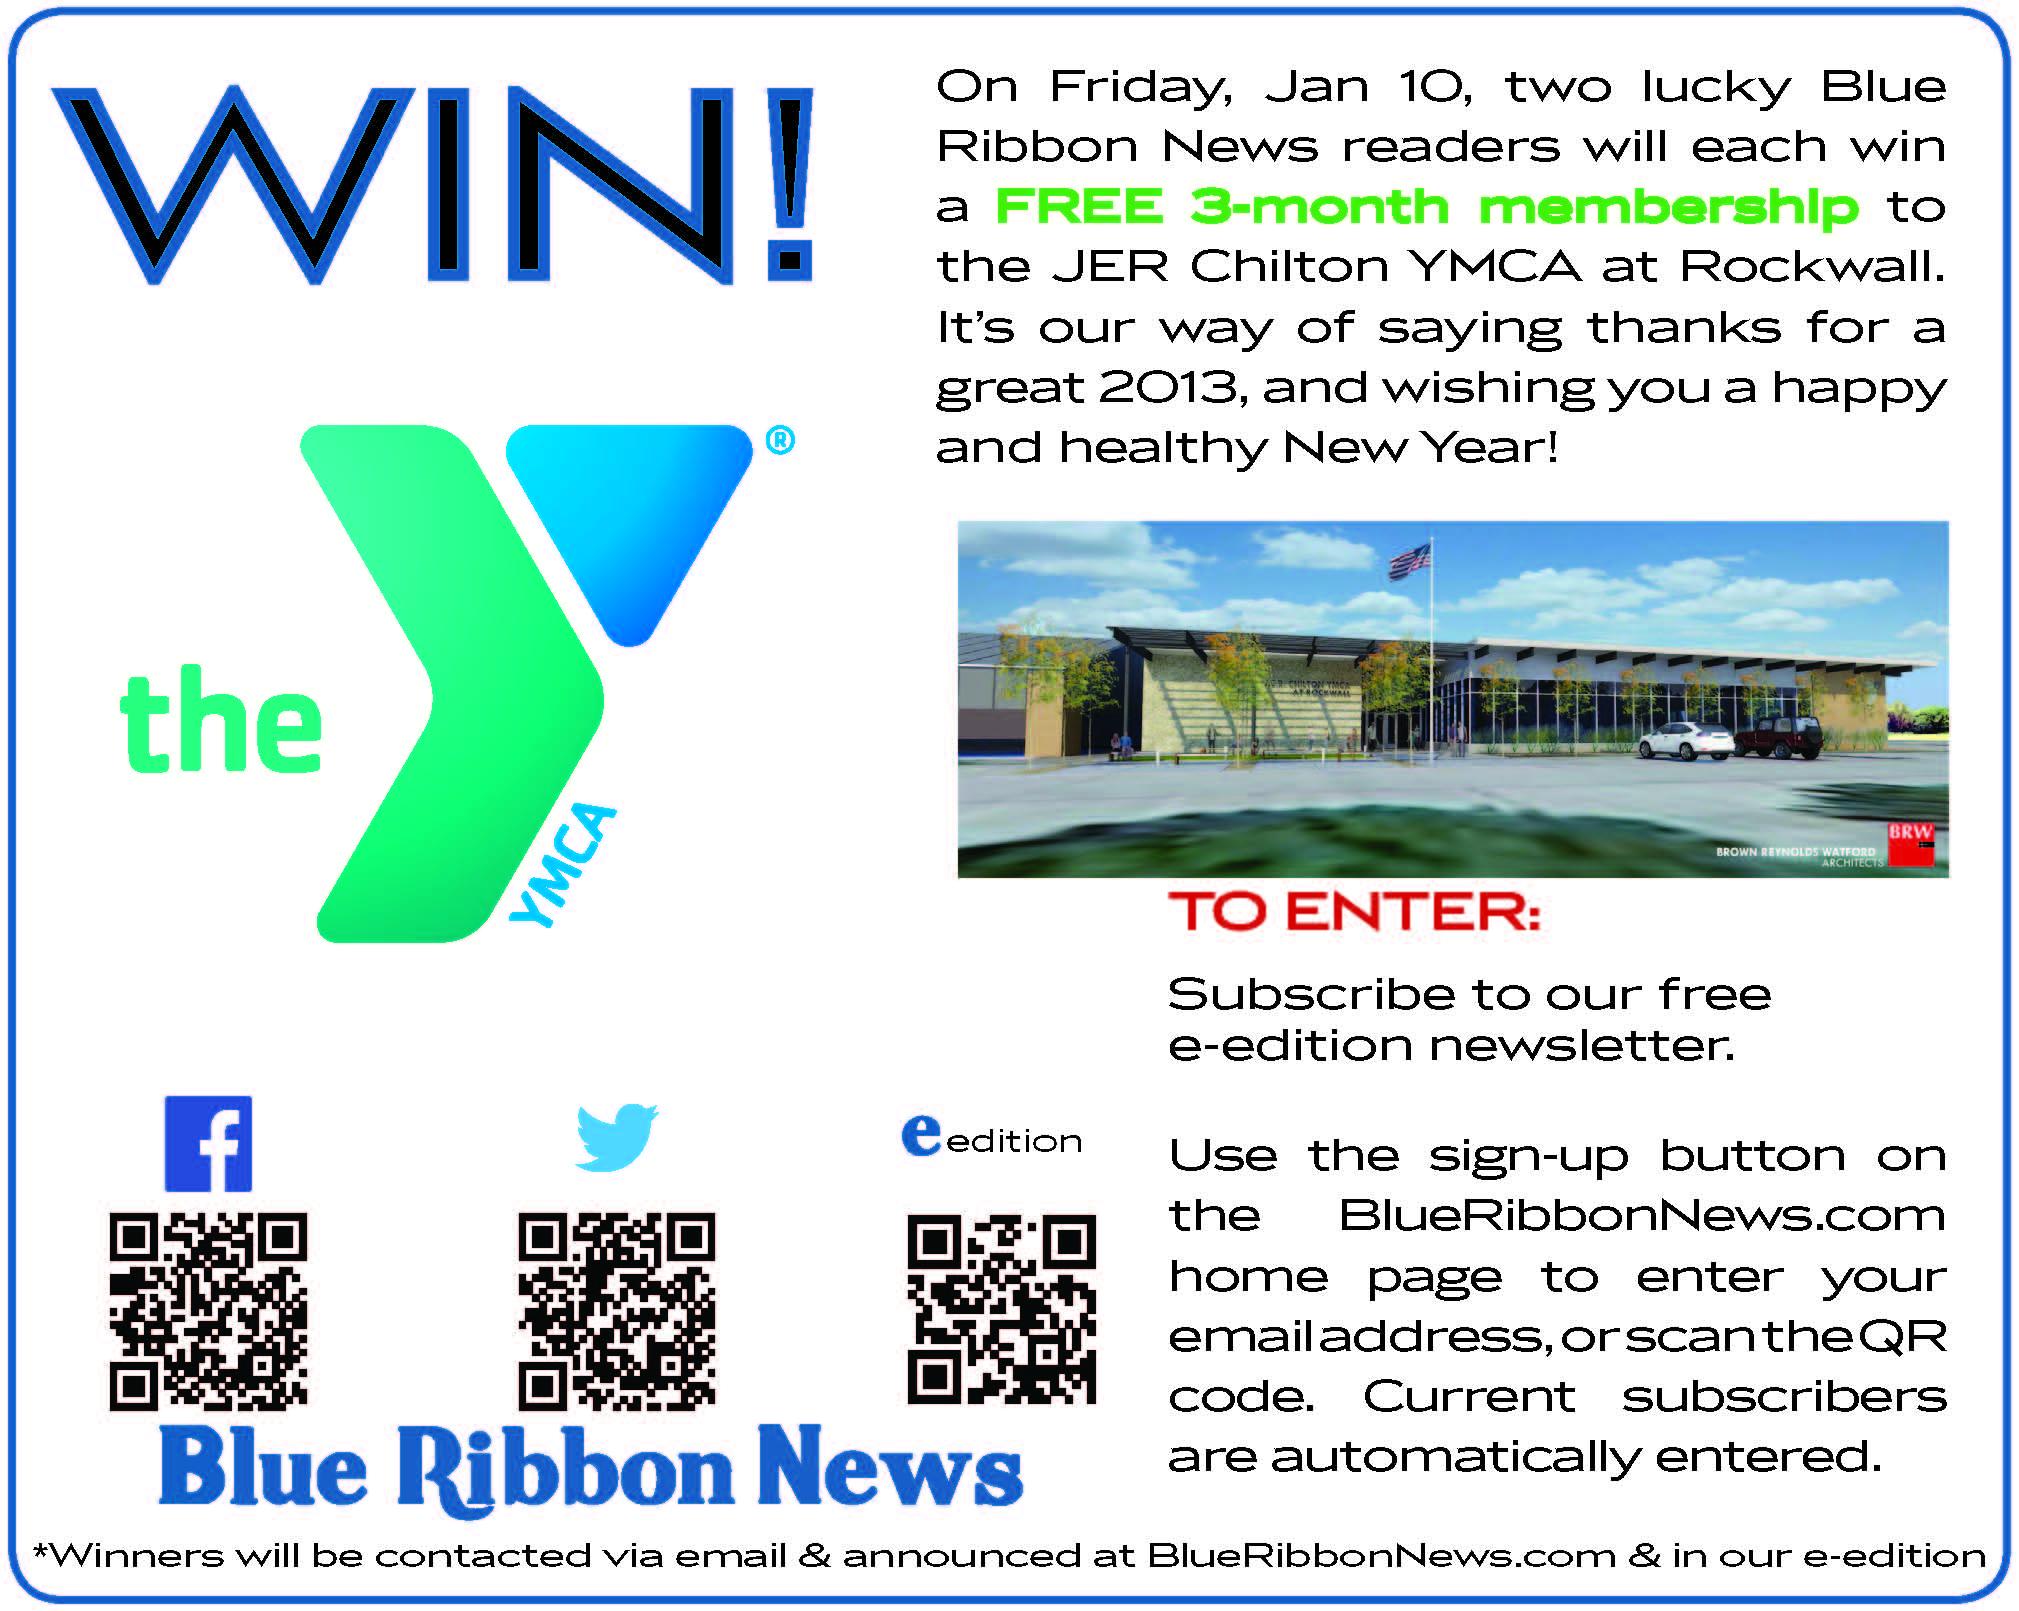 Winners announced in Rockwall YMCA membership giveaway